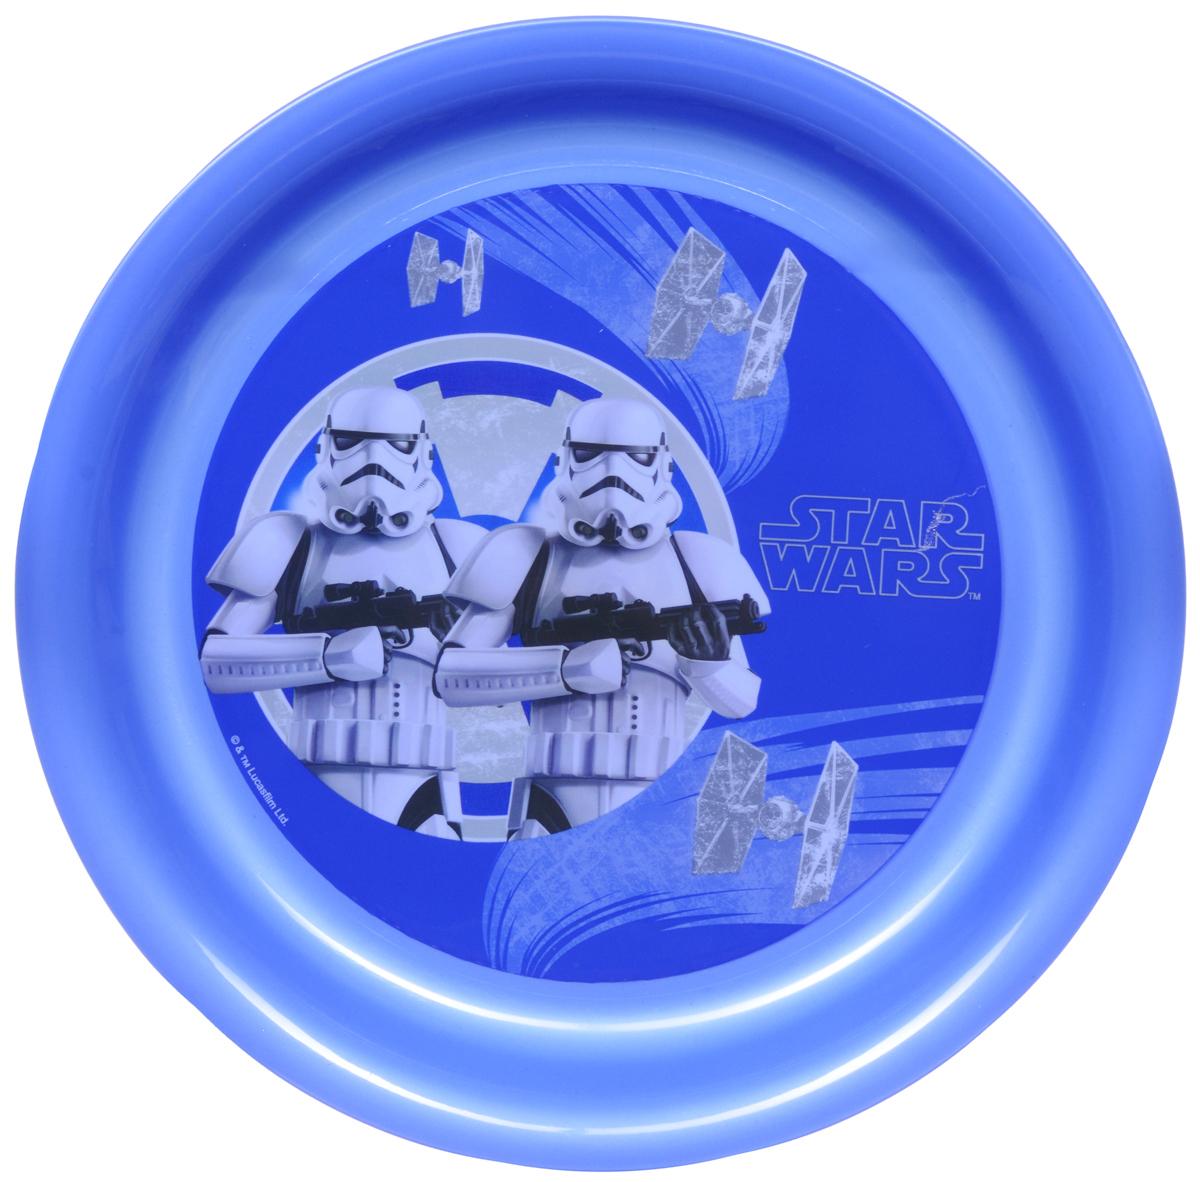 Star Wars Тарелка детская Штурмовики диаметр 19 см115610Детская тарелка Star Wars Штурмовики станет отличным подарком для любого фаната знаменитой саги. Она выполнена из полипропилена и оформлена рисунком с изображением имперских штурмовиков. Диаметр тарелки: 19 см. Не подходит для использования в посудомоечной машине и СВЧ-печи.